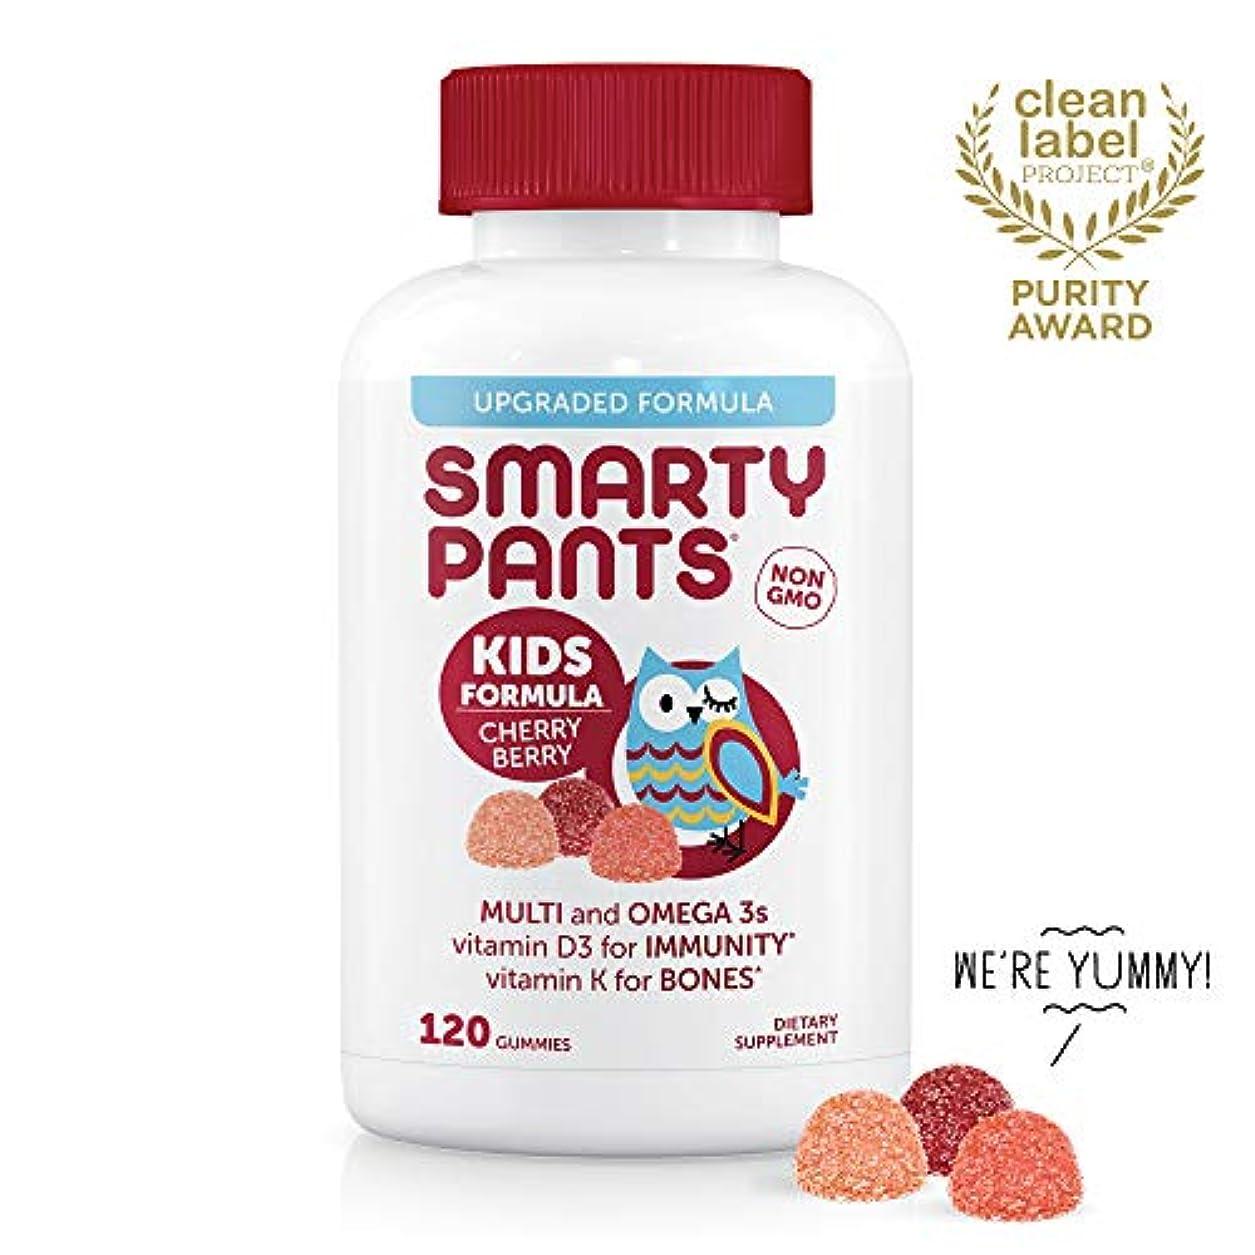 創傷メッセンジャー再生的SmartyPants キッズコンプリート マルチビタミン オメガ3フィッシュオイル ビタミンD3とB12 チェリー?ベリー グミ120個